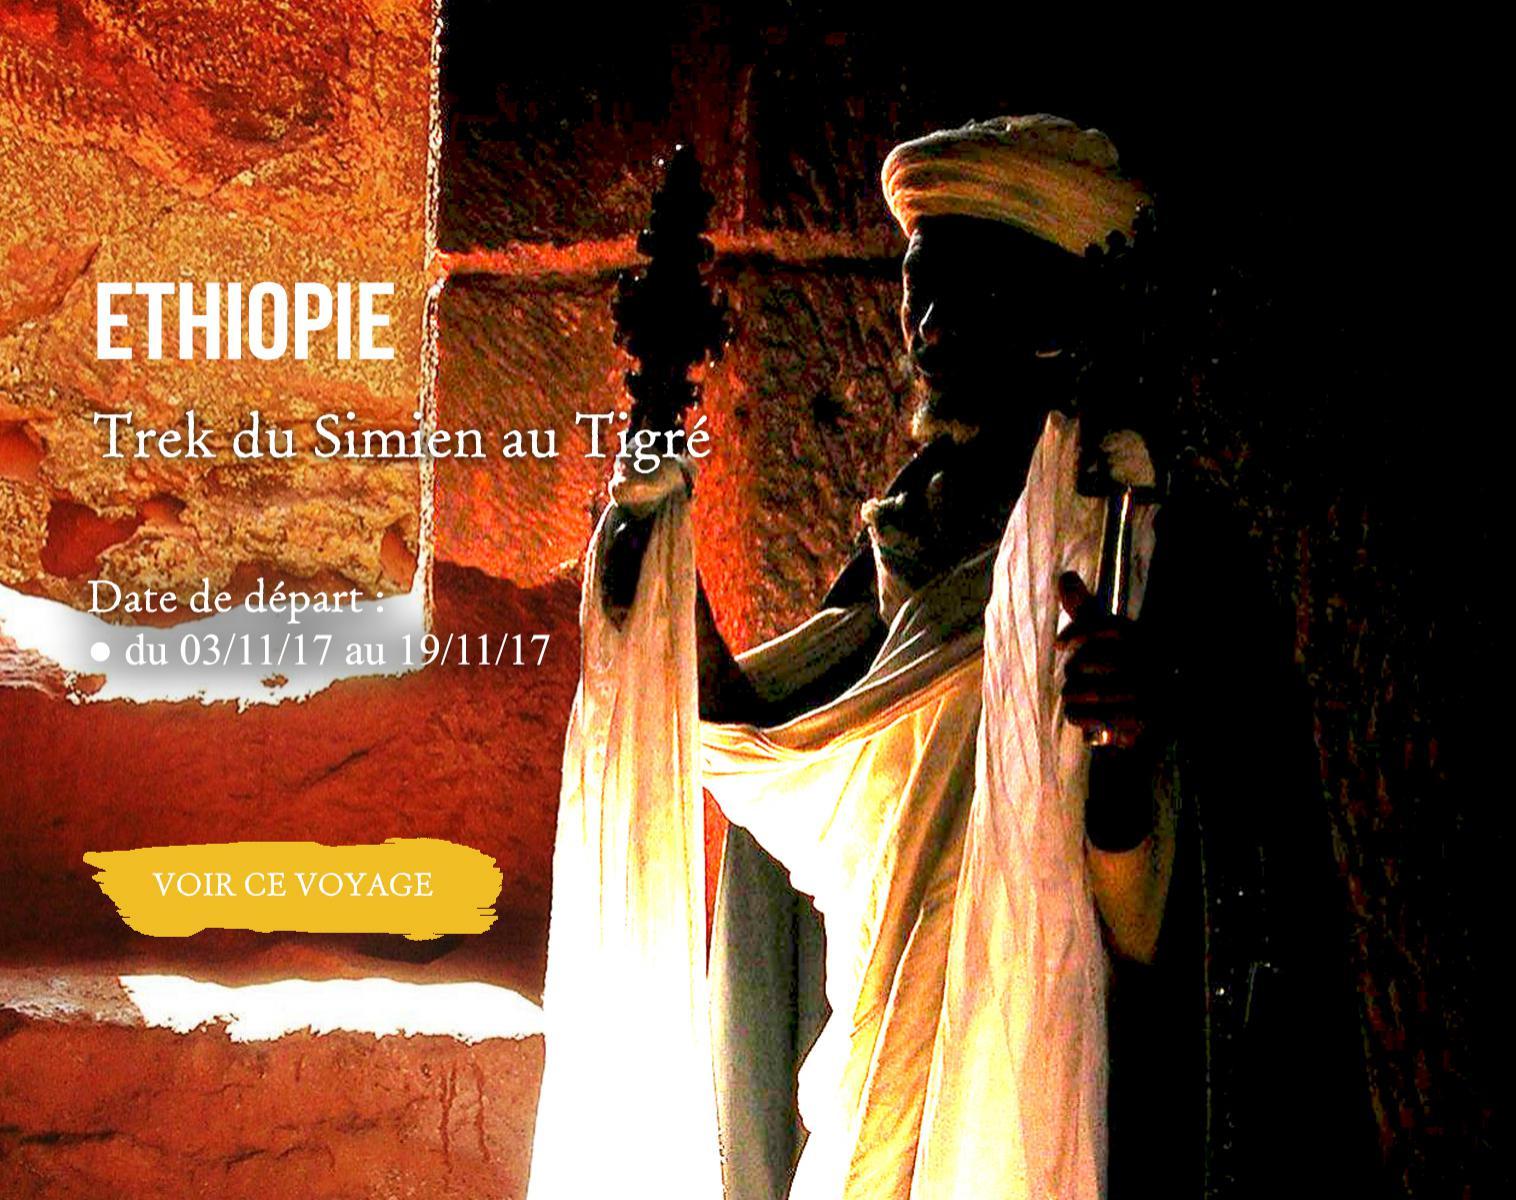 Ethiopie Trek du Simien au Tigré